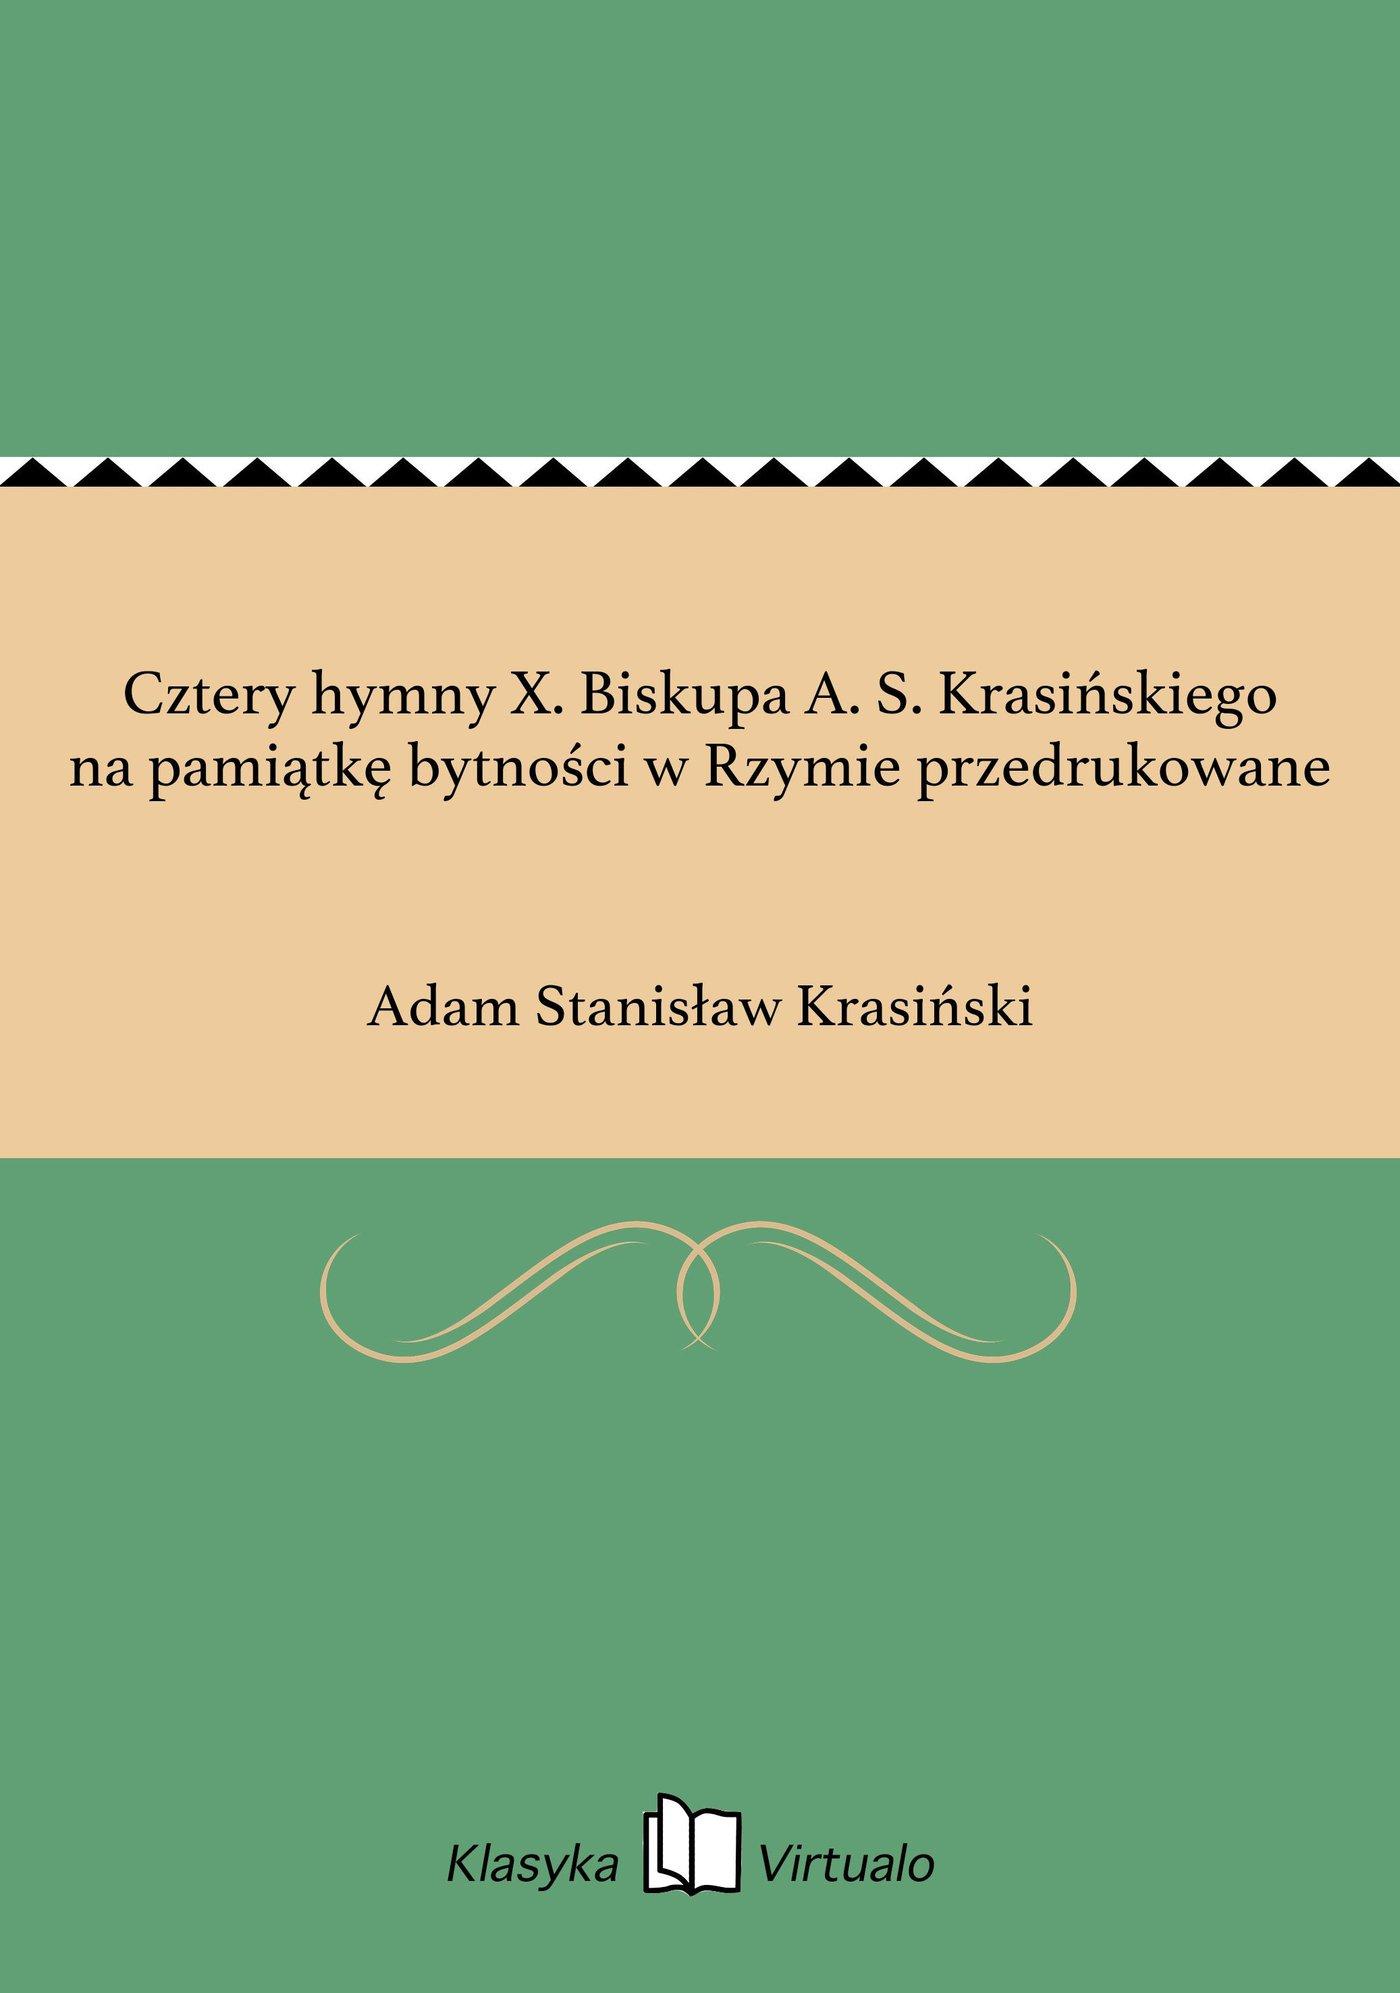 Cztery hymny X. Biskupa A. S. Krasińskiego na pamiątkę bytności w Rzymie przedrukowane - Ebook (Książka EPUB) do pobrania w formacie EPUB